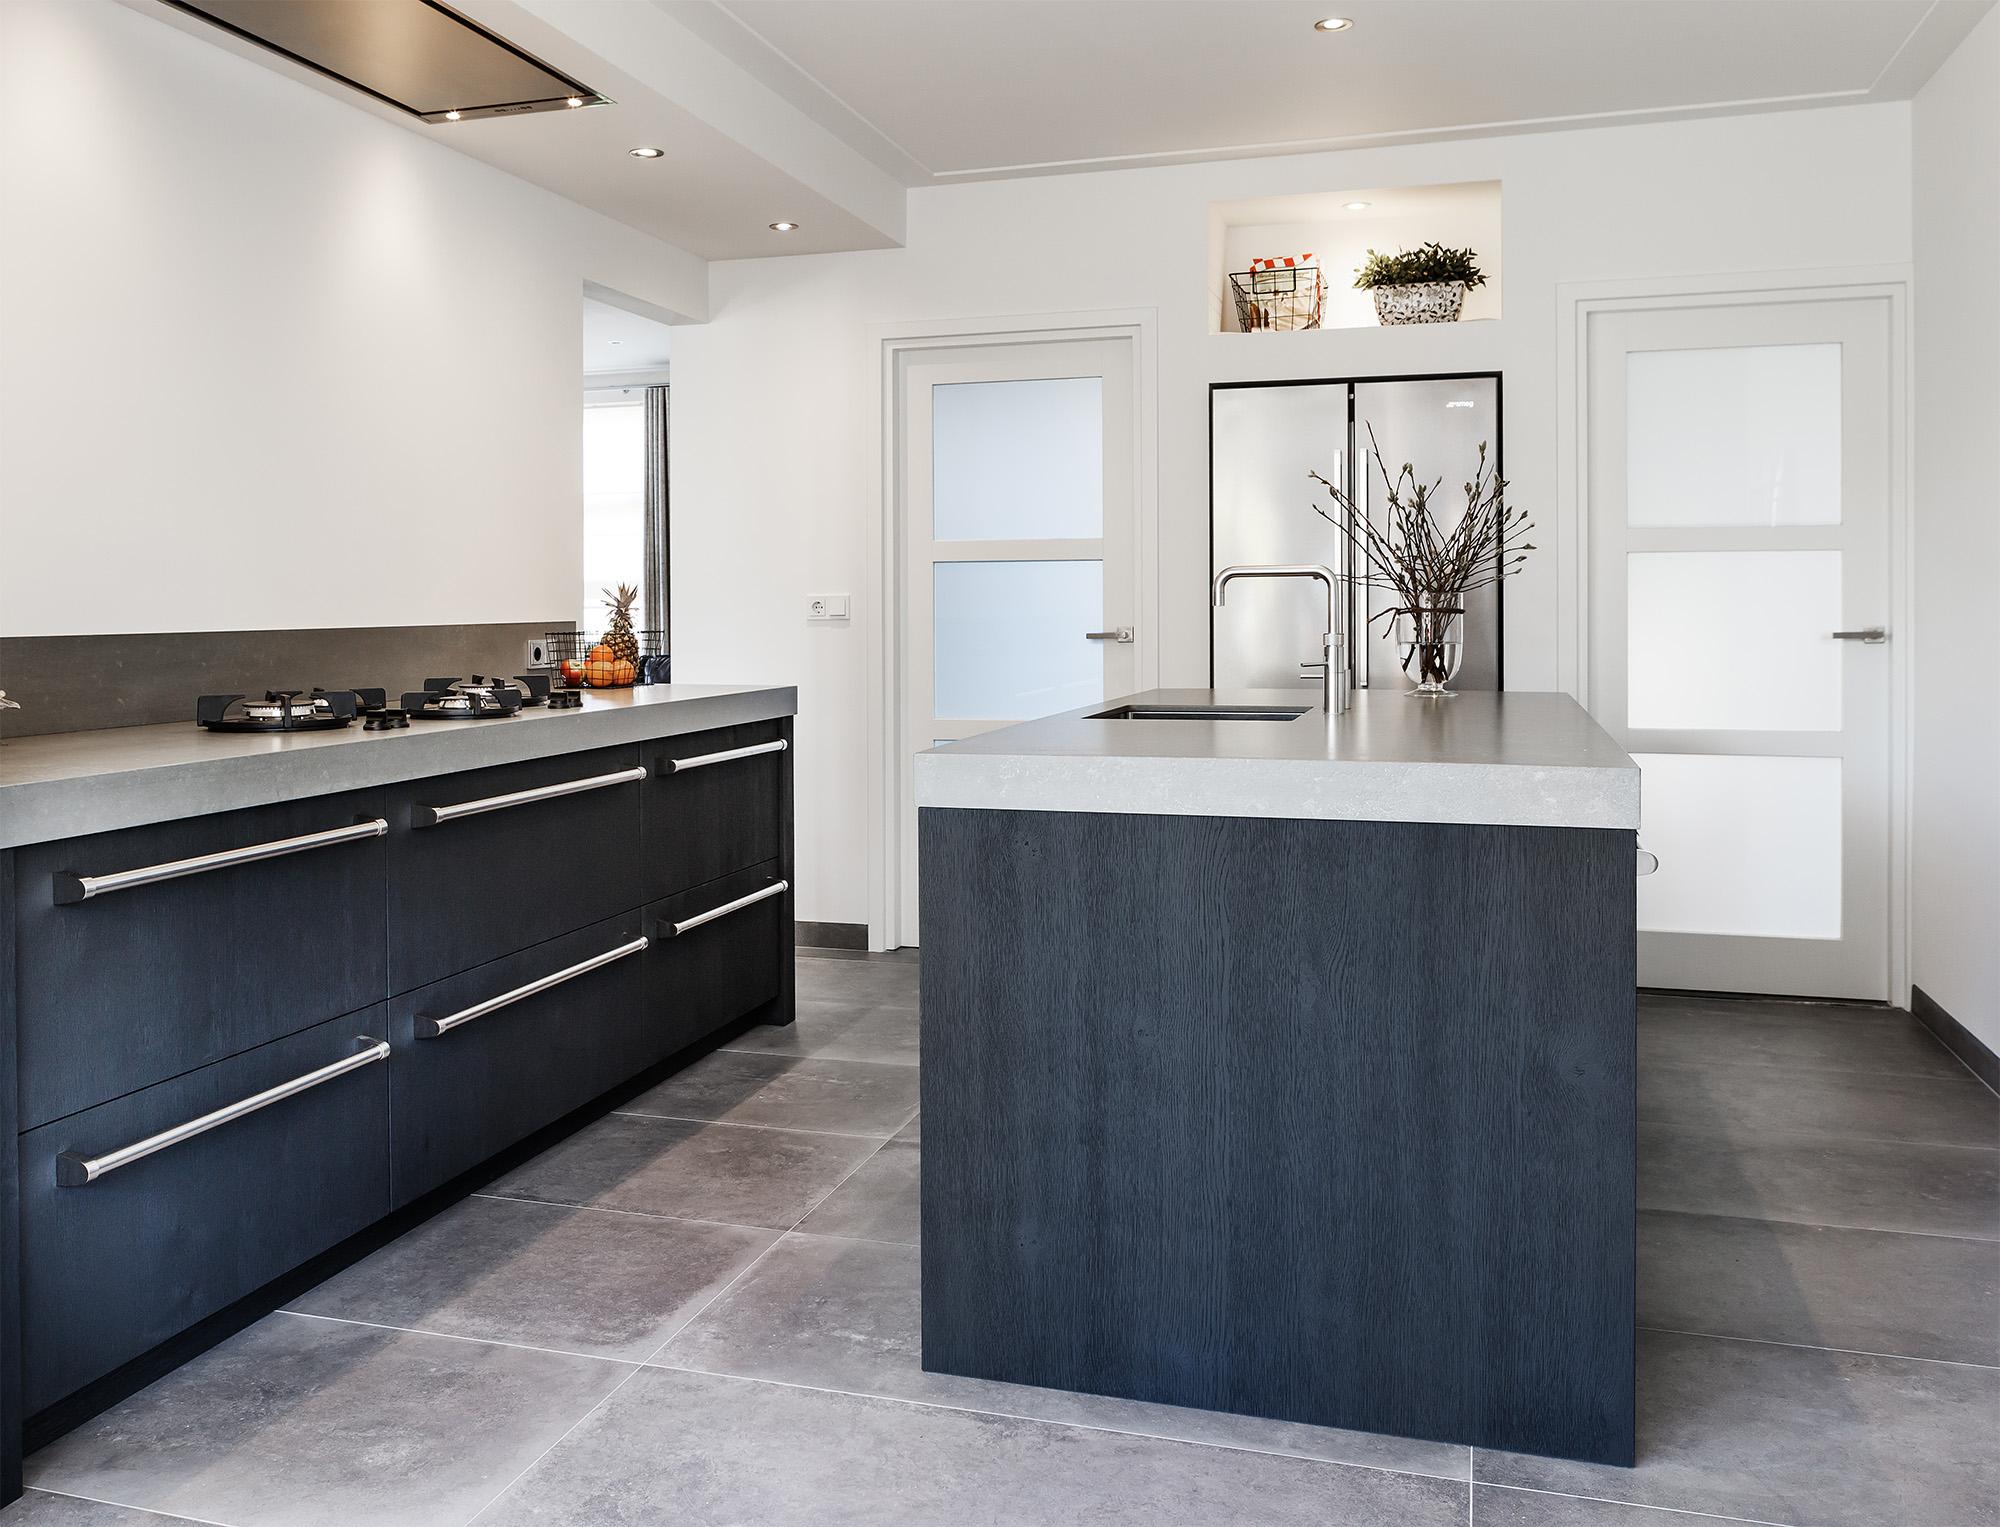 Stoere keuken met betonlook blad